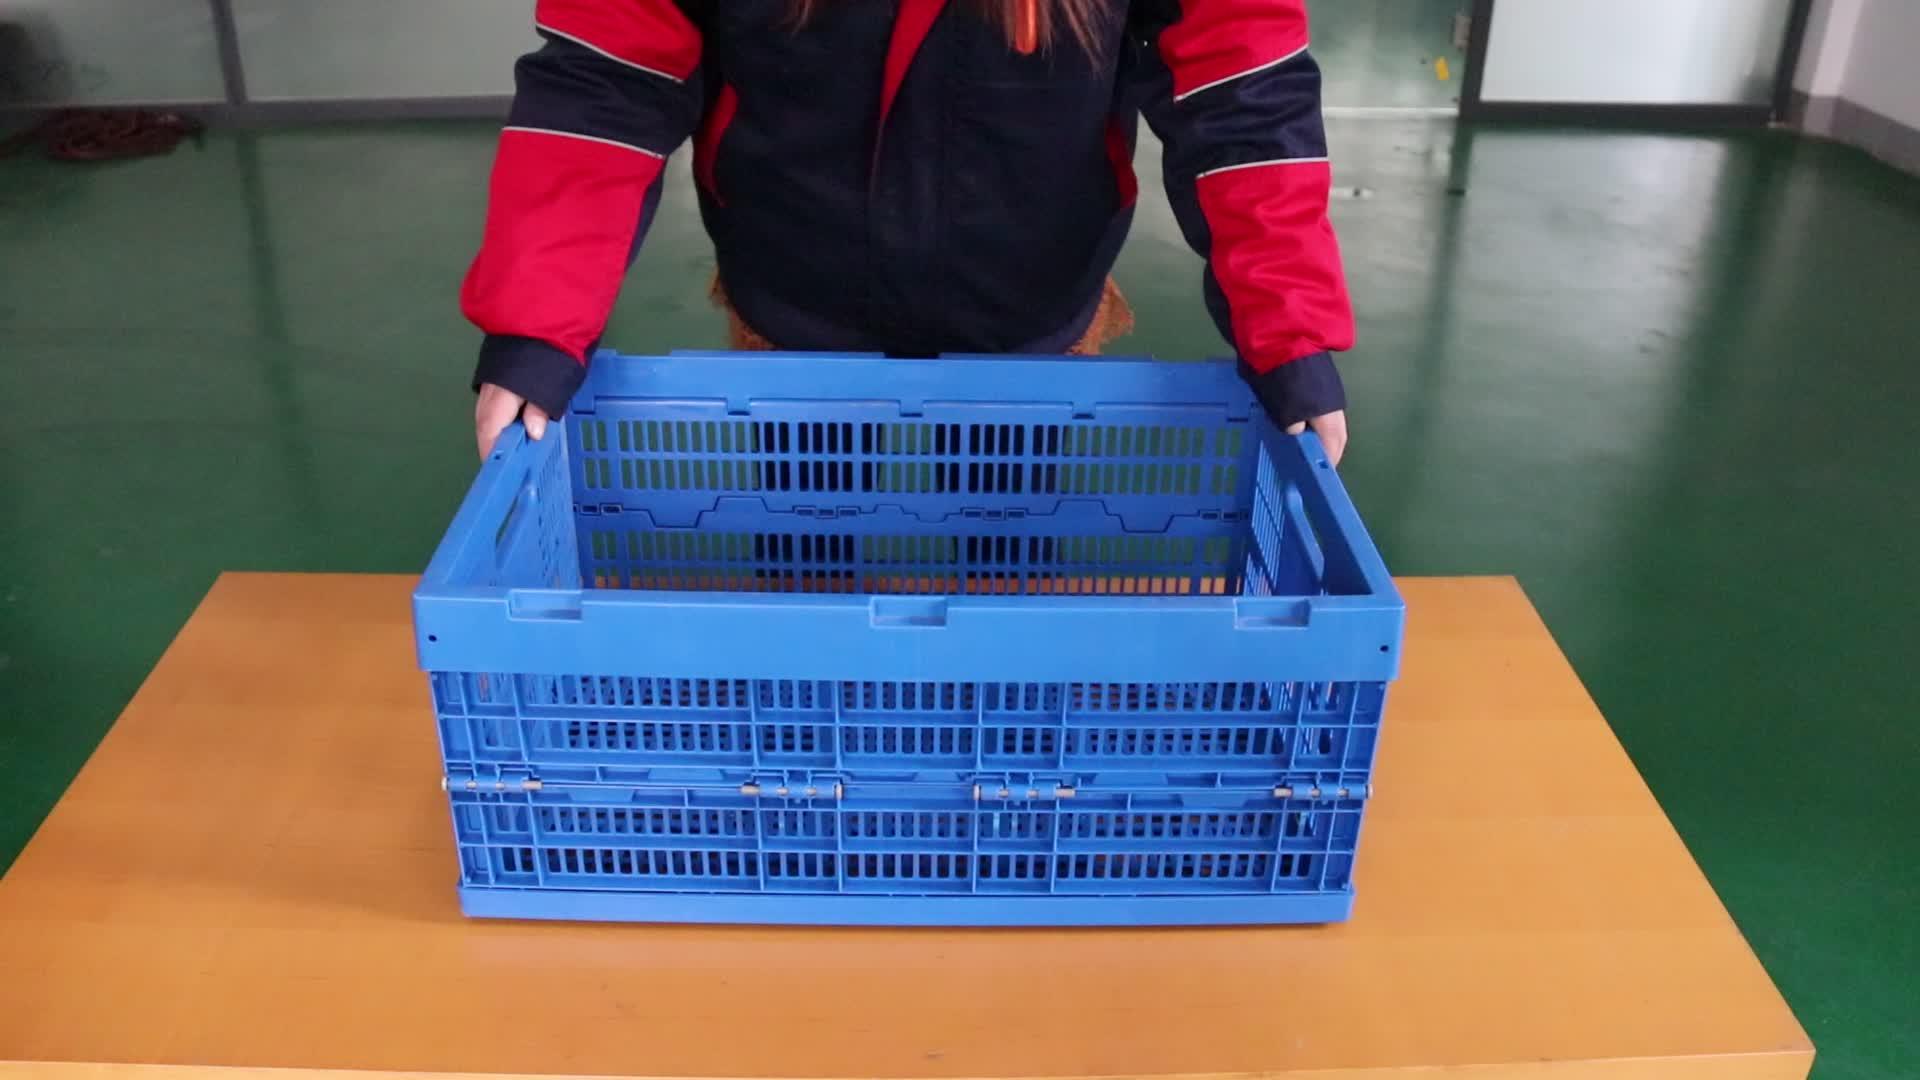 बिक्री के लिए सब्जी फल बक्से भंडारण टोकरा थोक ठोस जाल प्लास्टिक बॉक्स